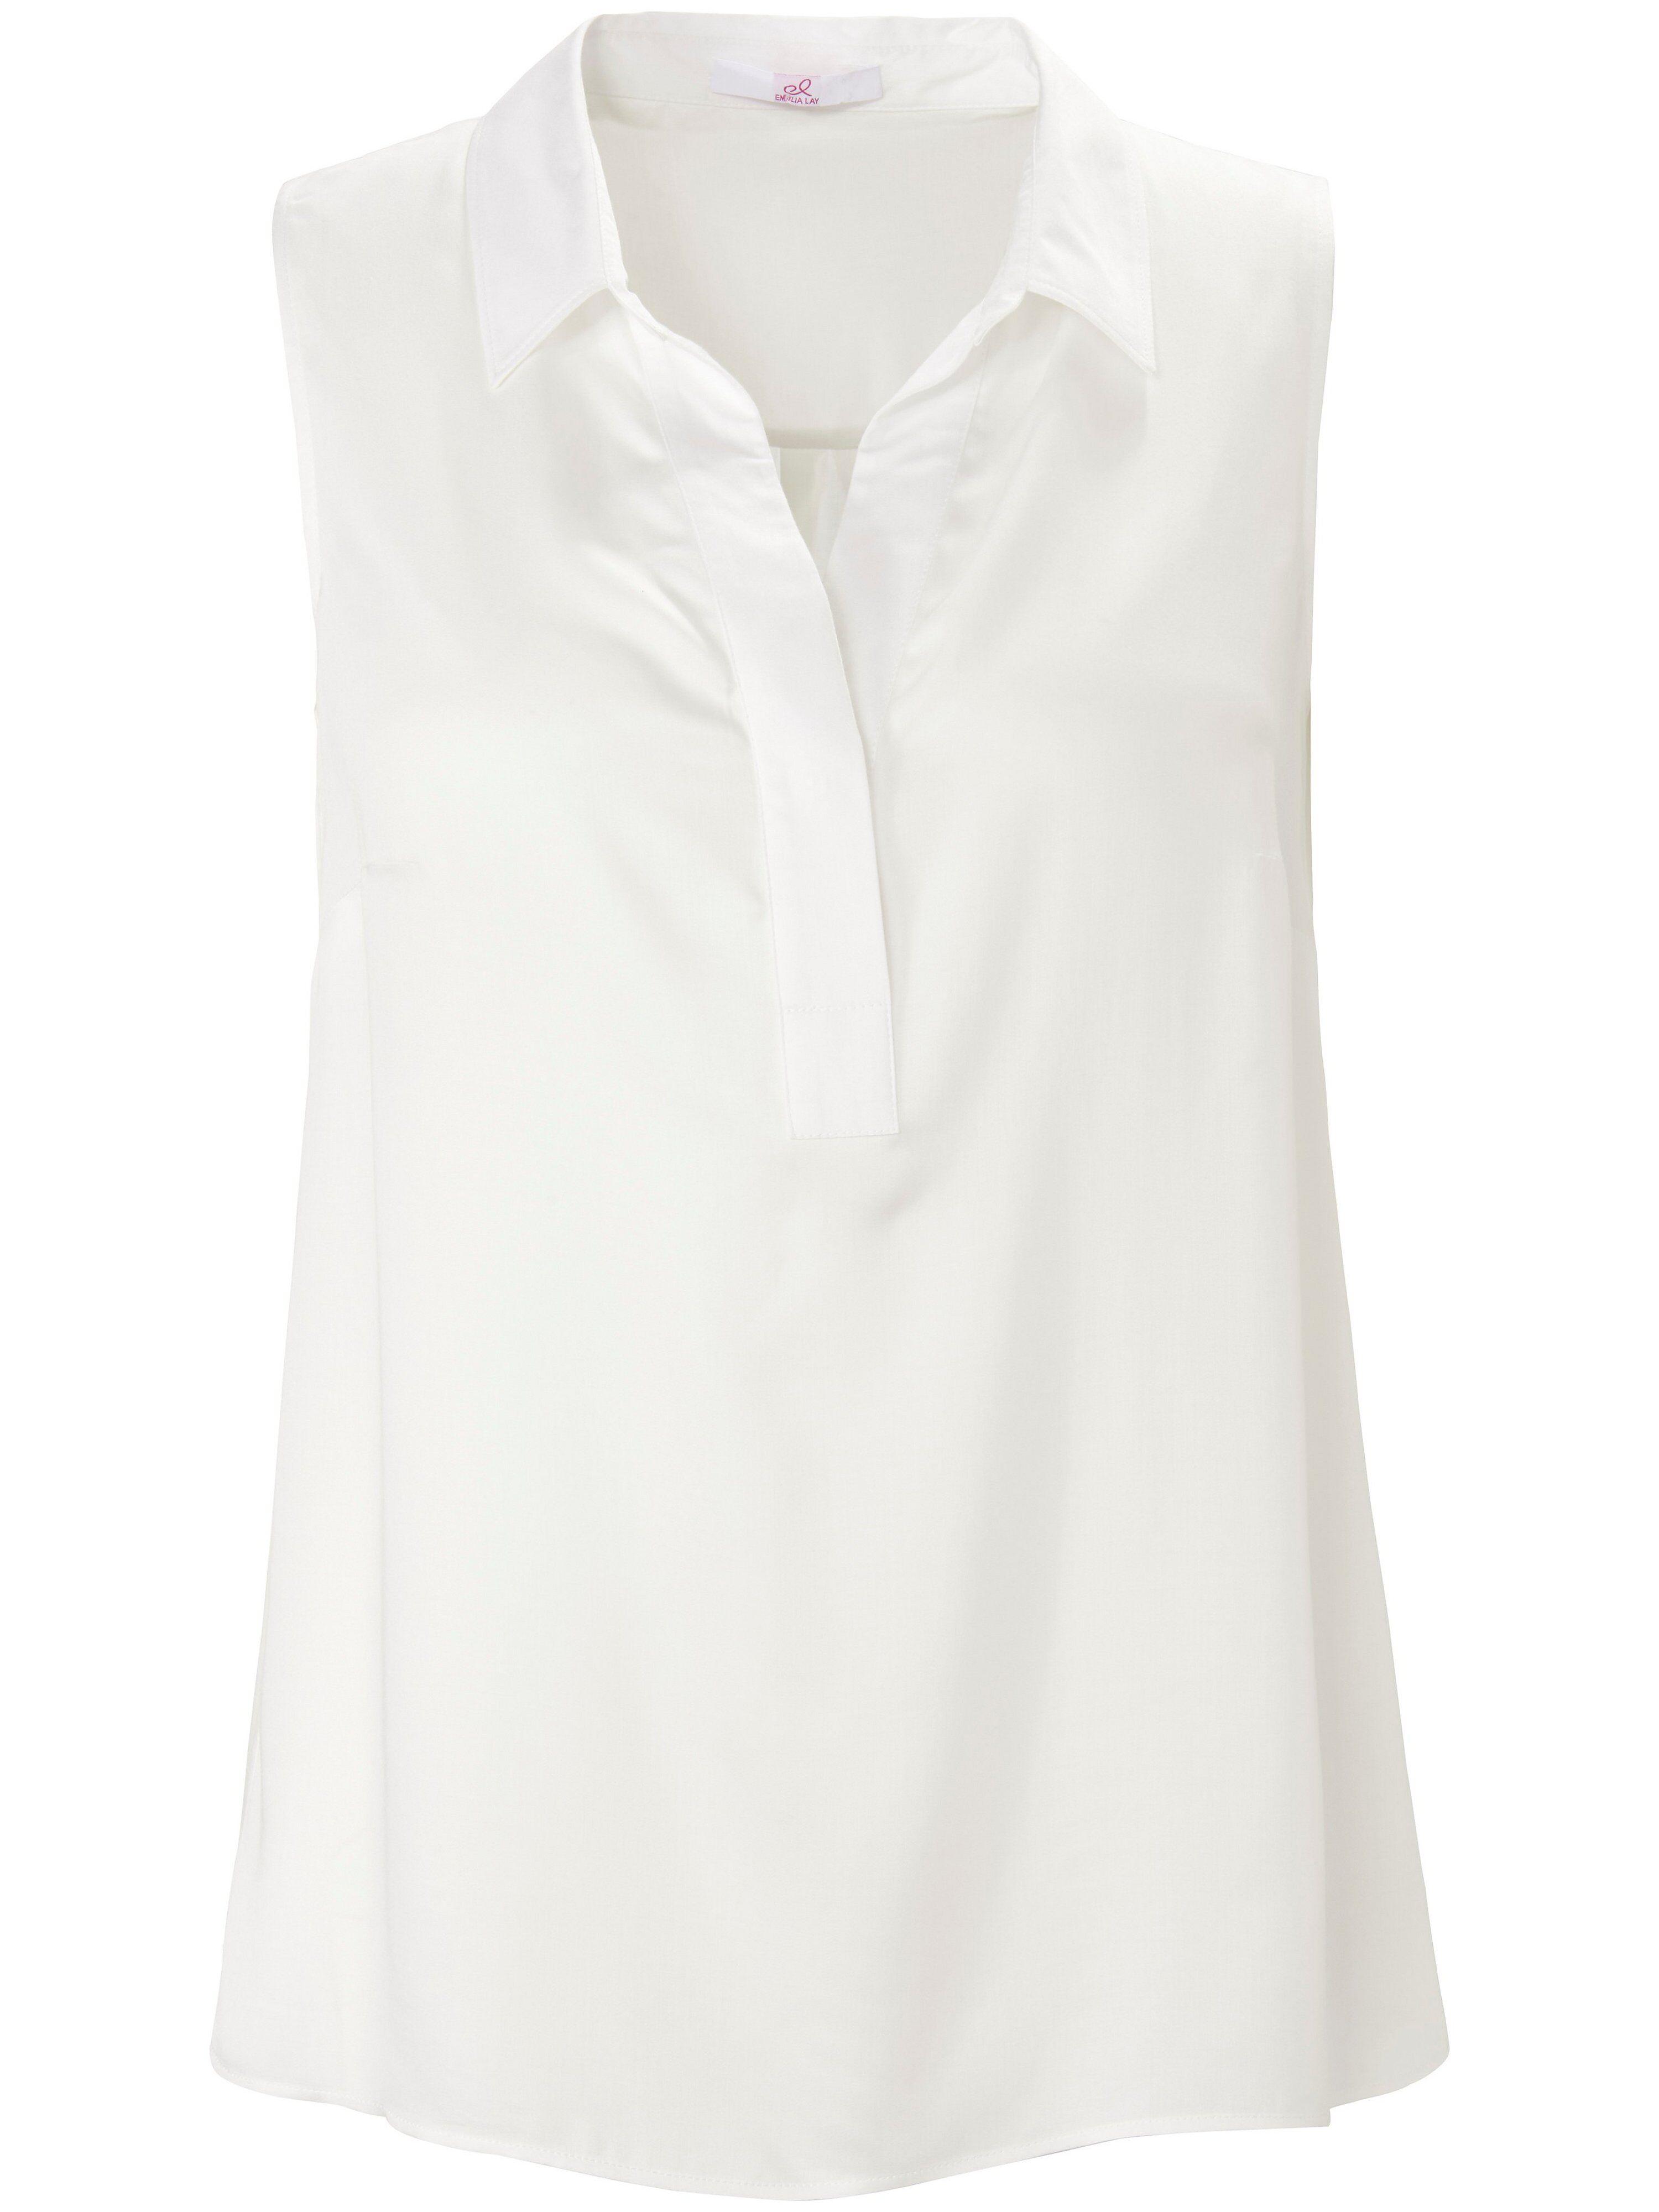 Emilia Lay La blouse ligne décontractée  Emilia Lay blanc  - Femme - 42